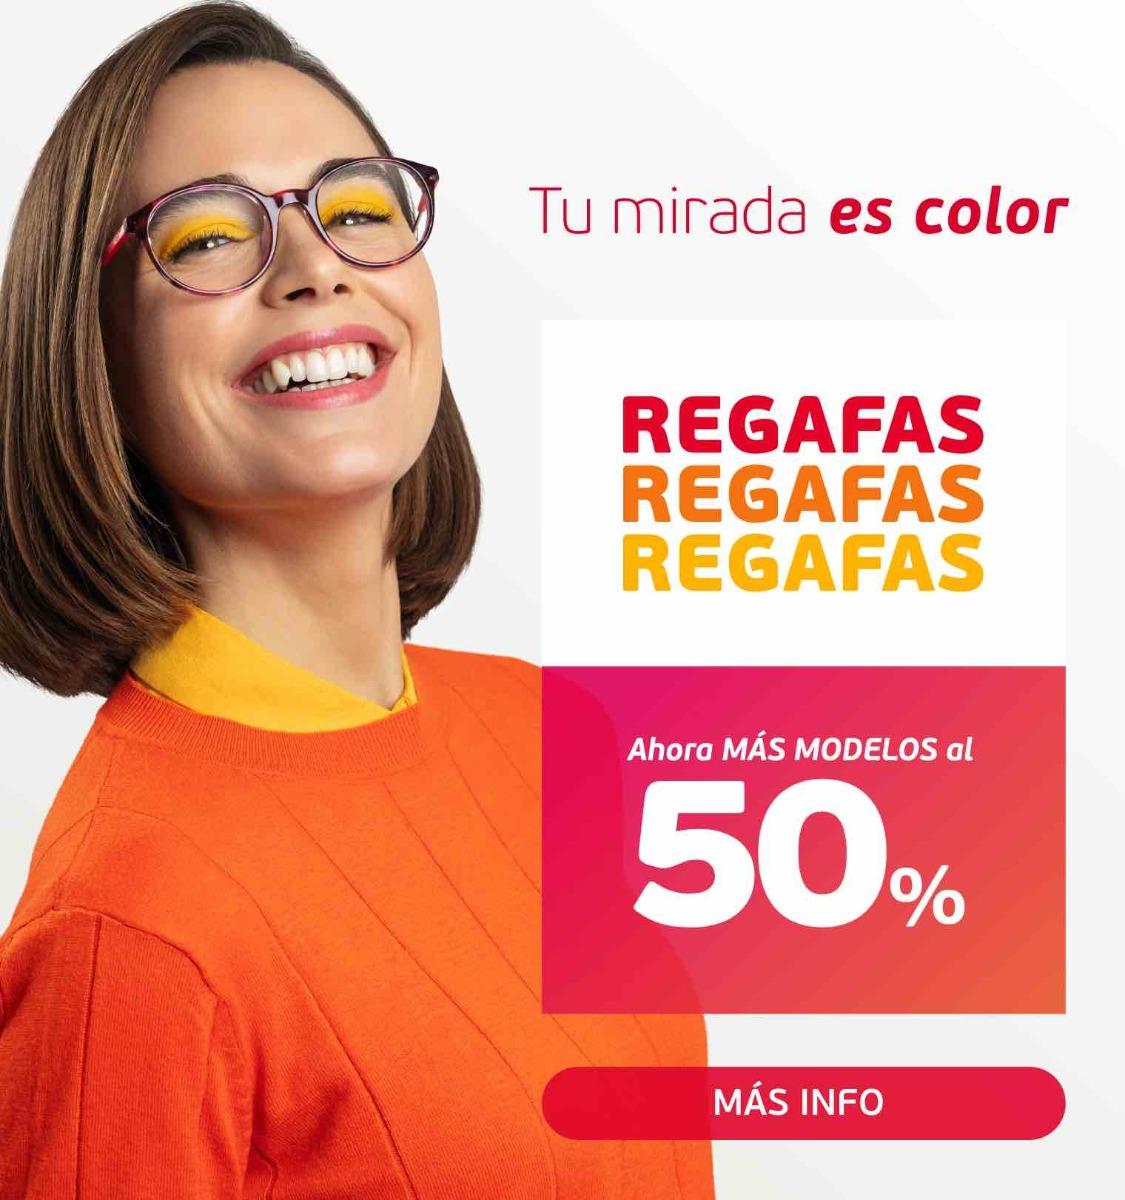 Emigrar esposas Parcialmente  General Optica | Tienda Online de Gafas, Lentillas y Audífonos